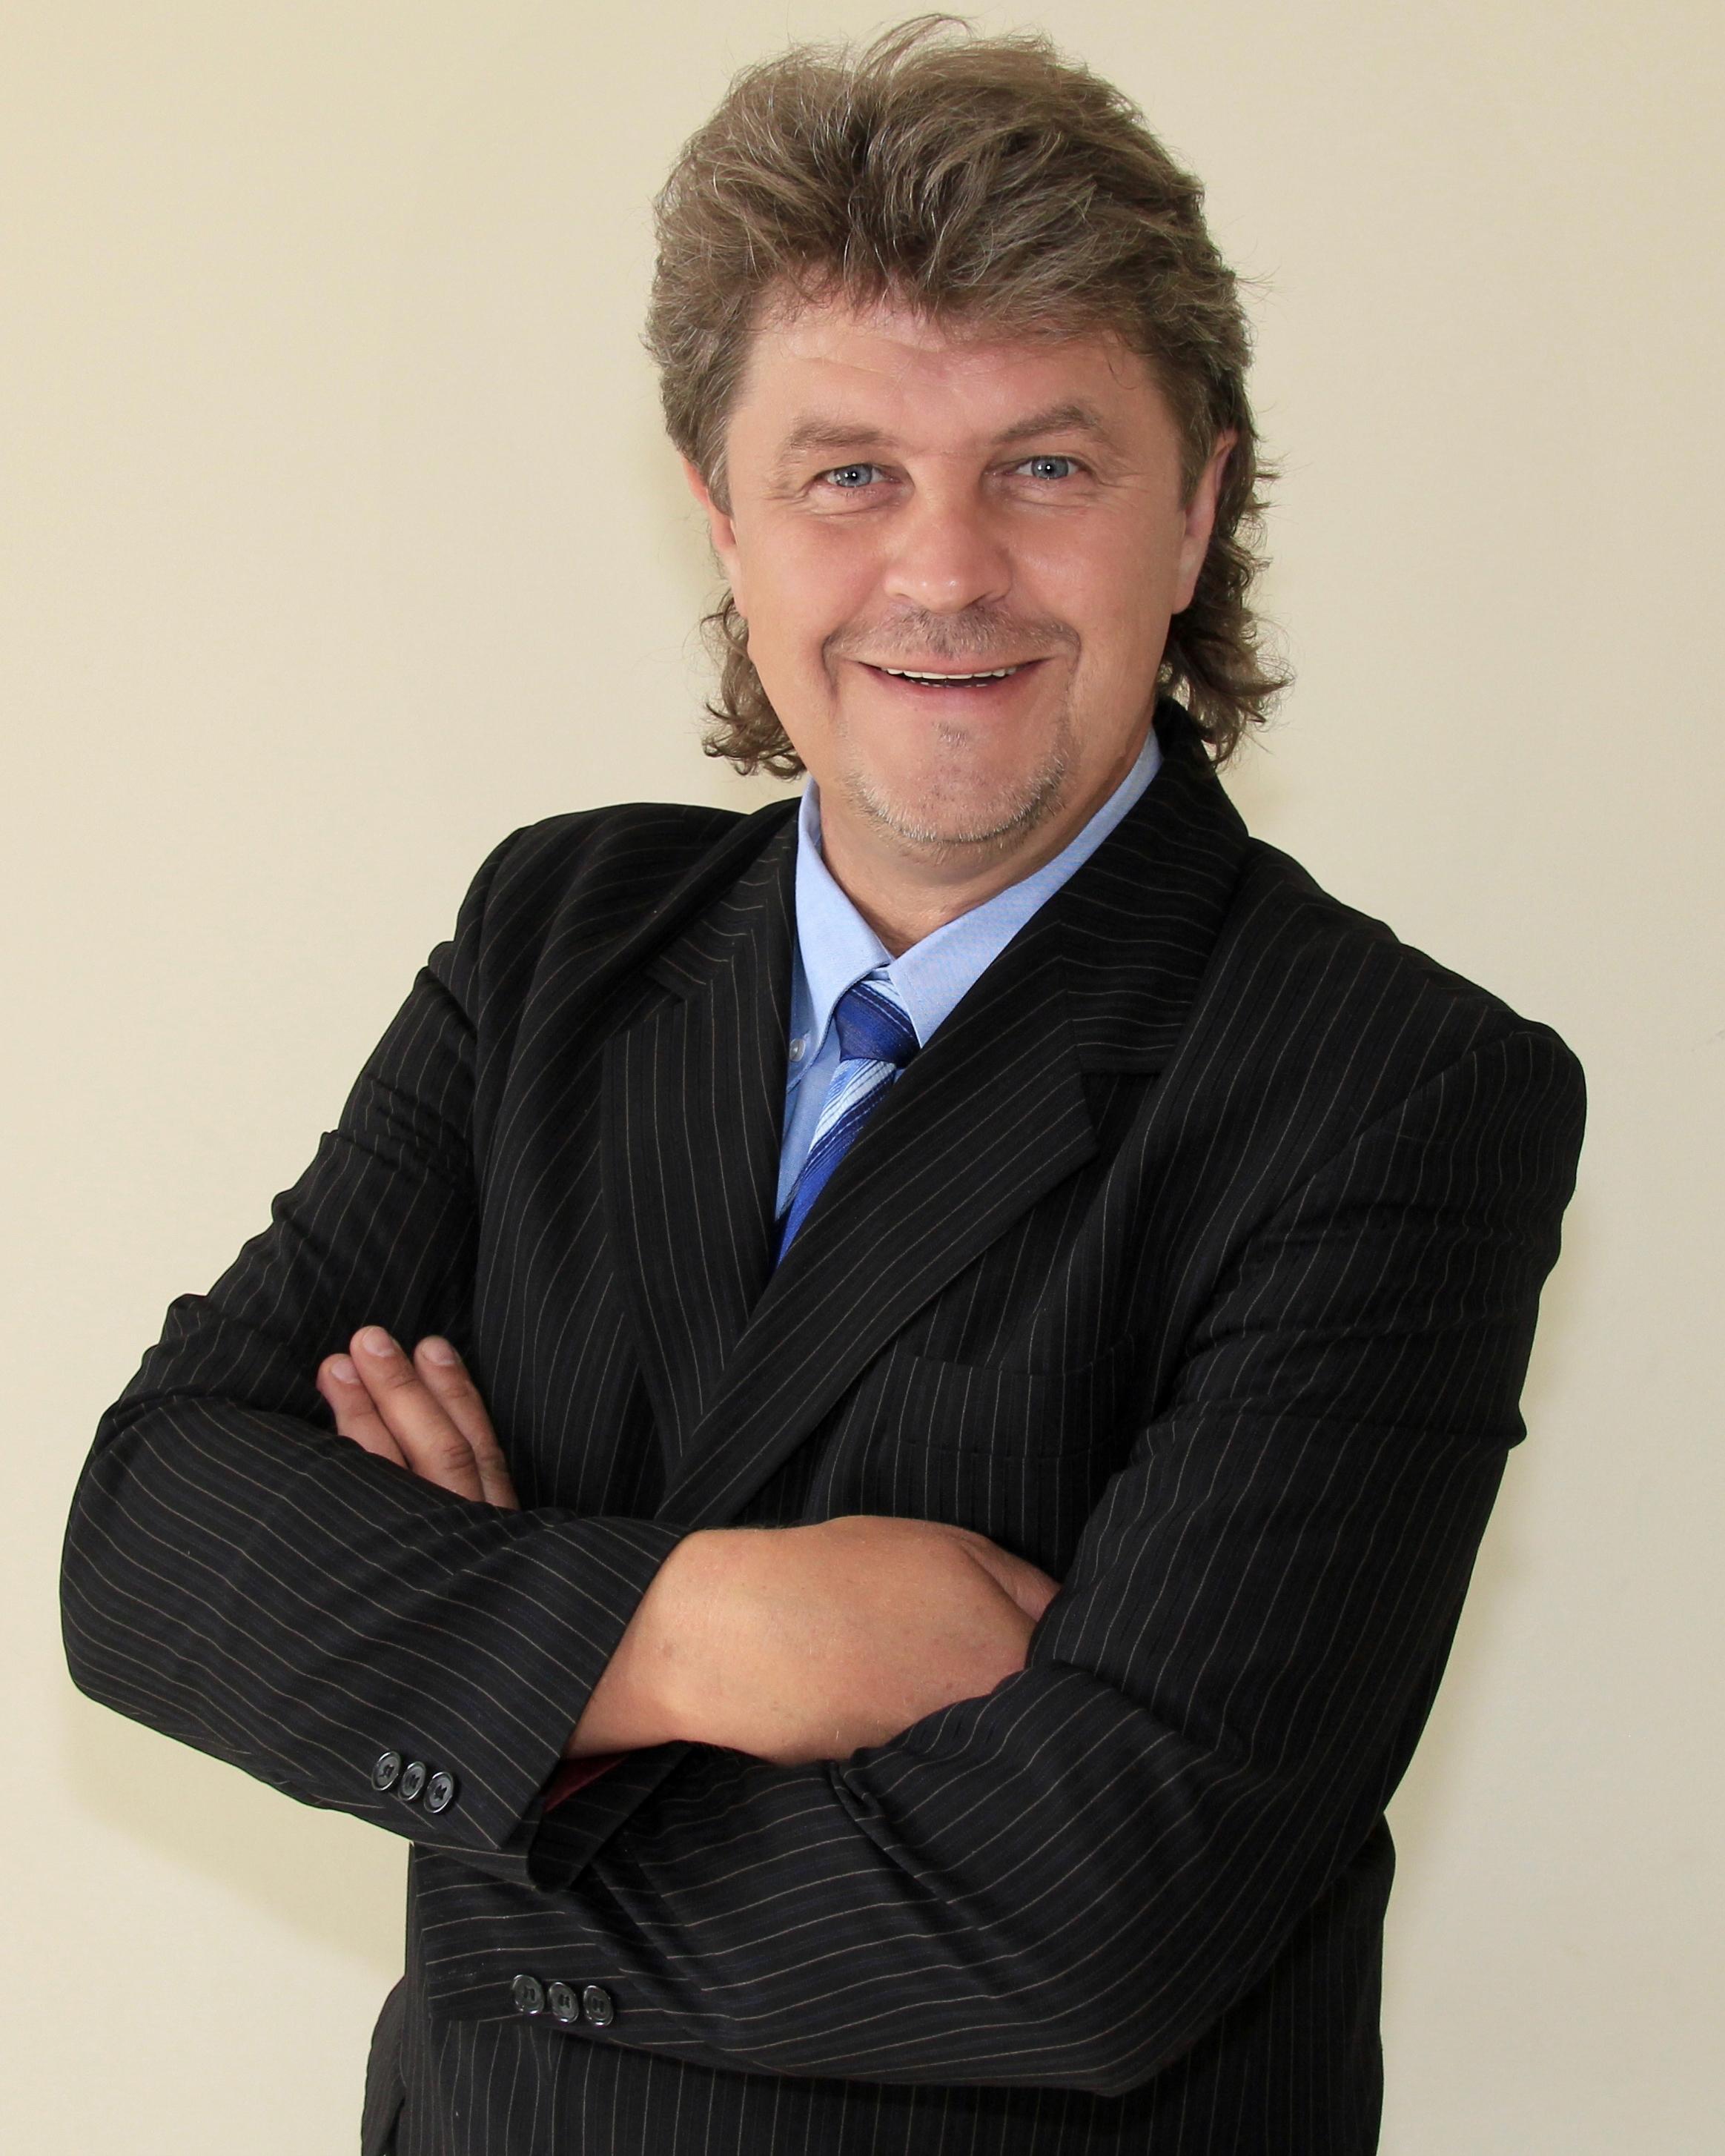 Raimundas Judickas